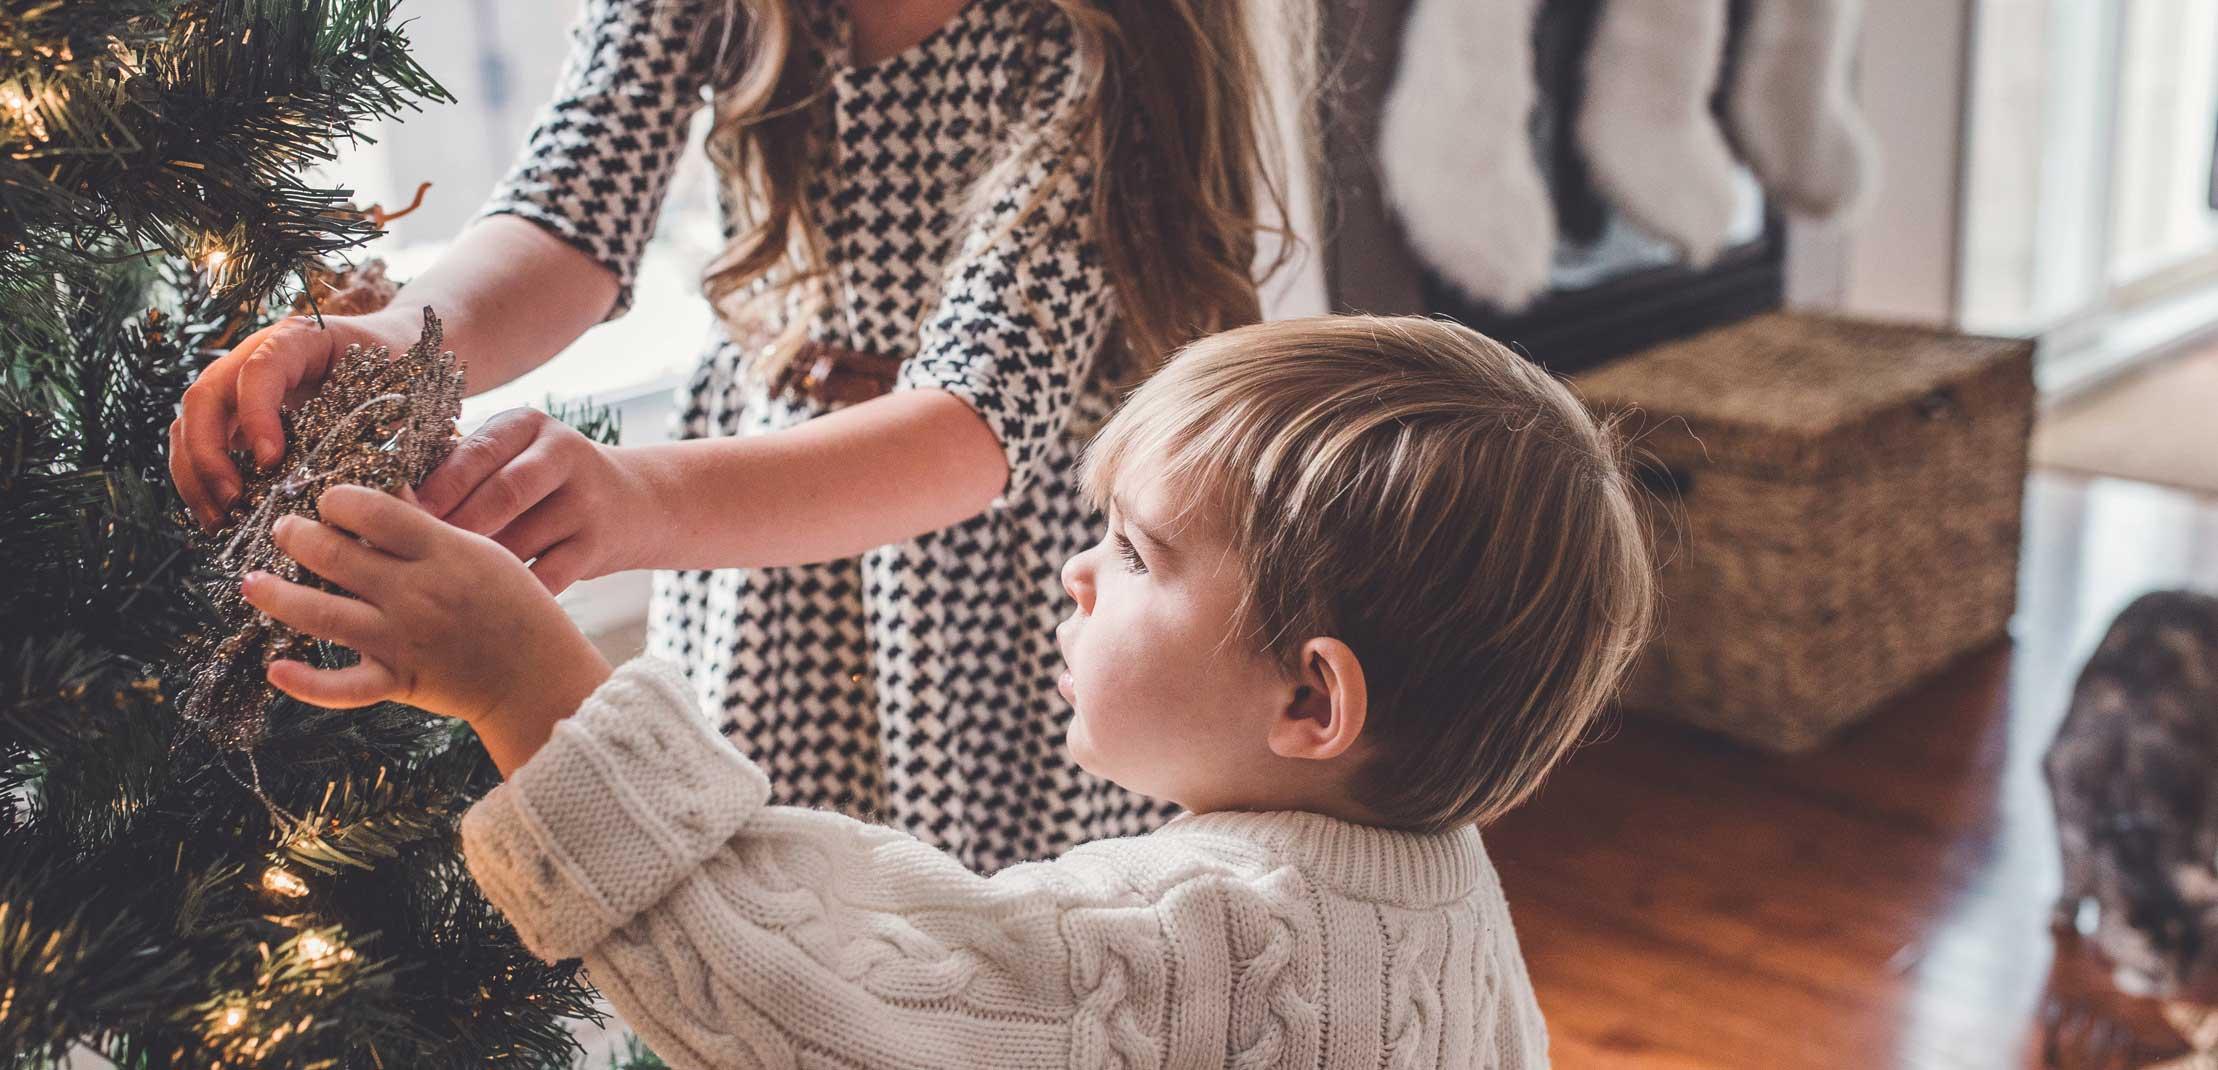 Decorare Finestre Per Natale Scuola scuole chiuse: 5 attività da fare coi bambini | kenwood club